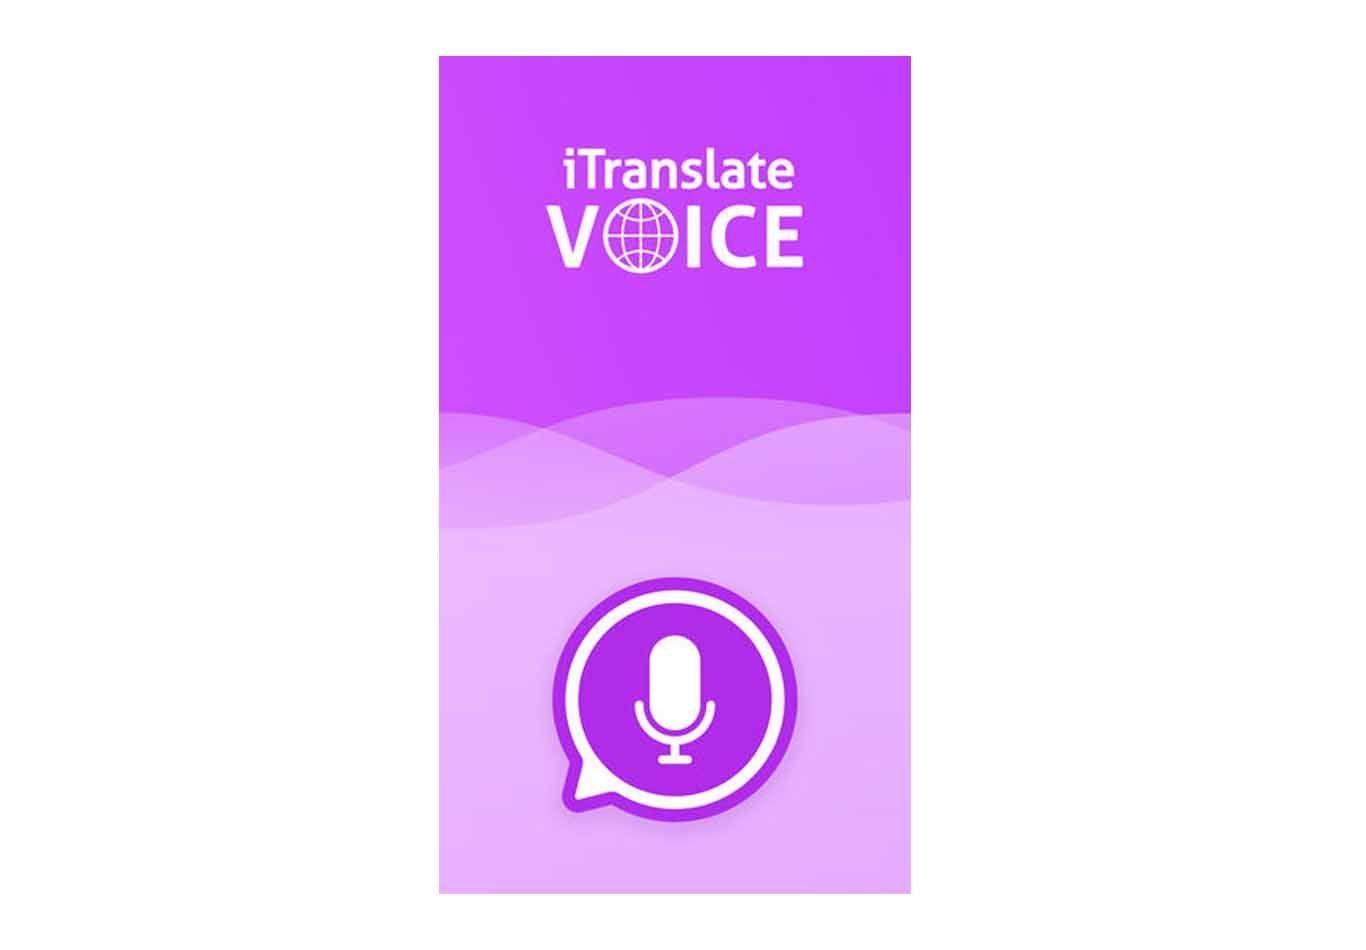 5 Aplikasi Penerjemah Terbaik Untuk Kamu yang Hobi Traveling!